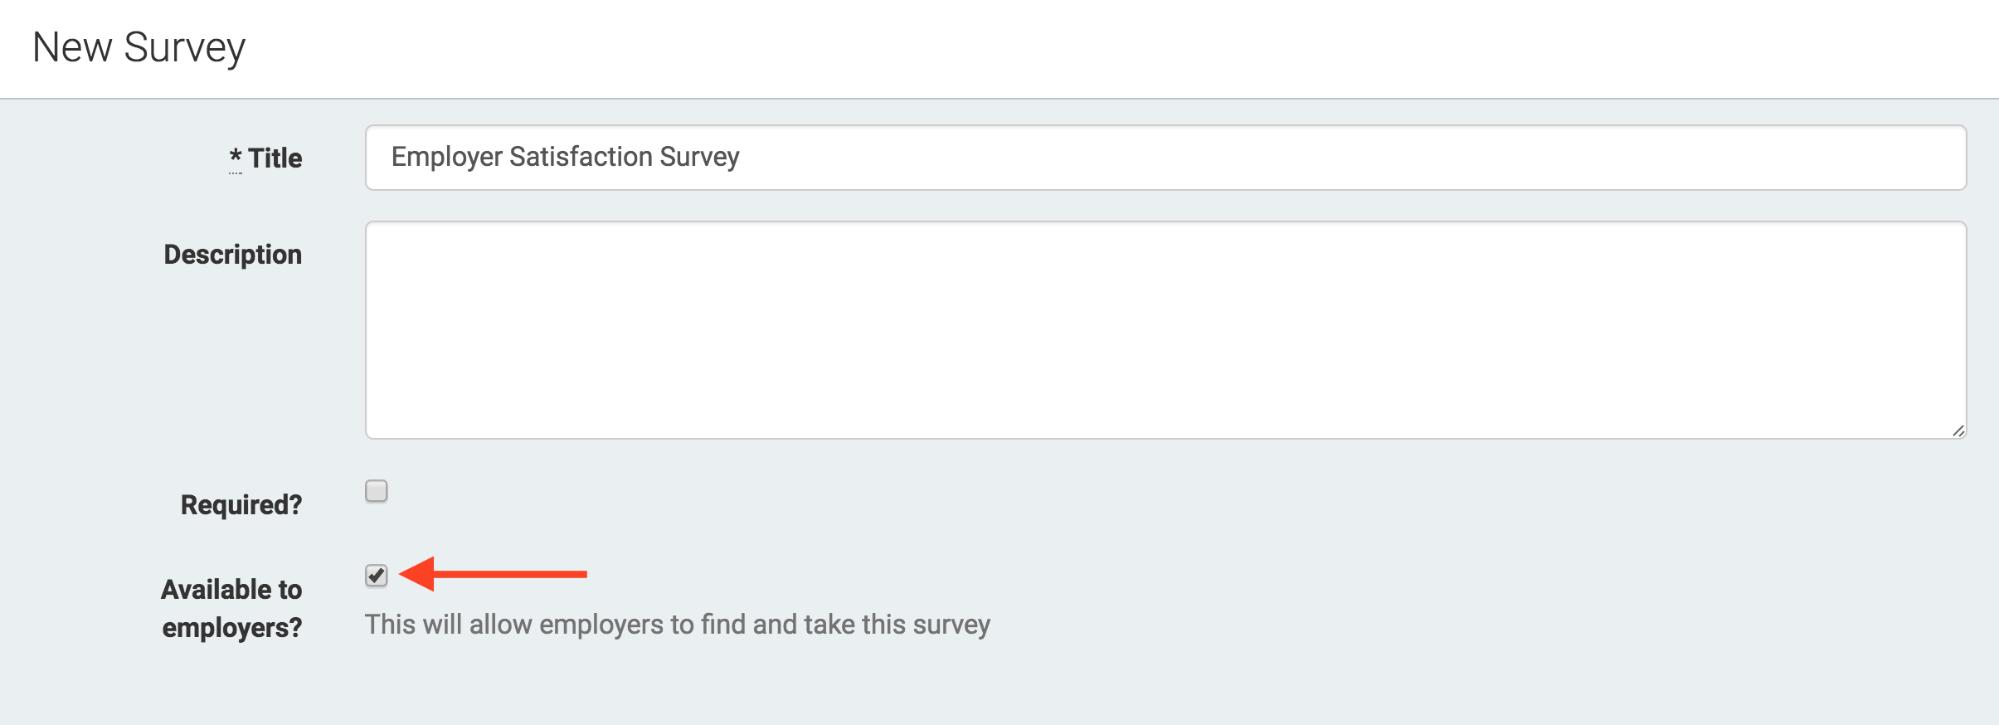 How to send a survey to employers handshake help center falaconquin